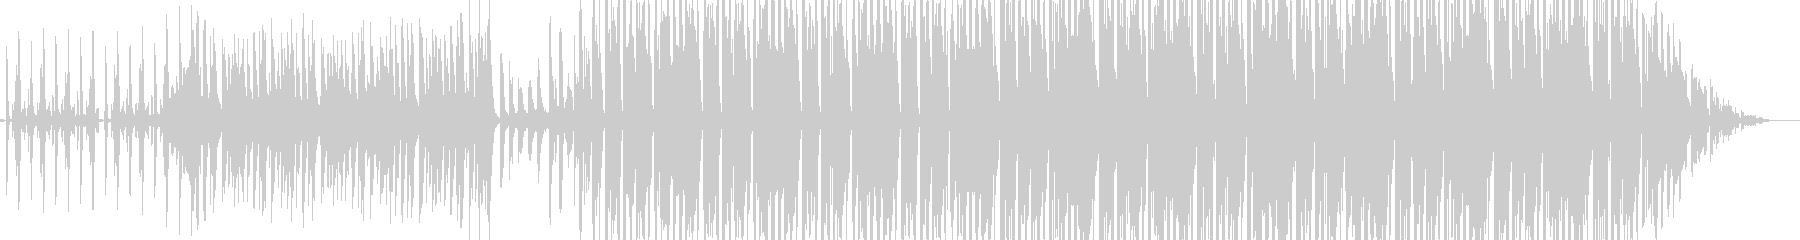 軽快なビートでのりのりな曲ですの未再生の波形